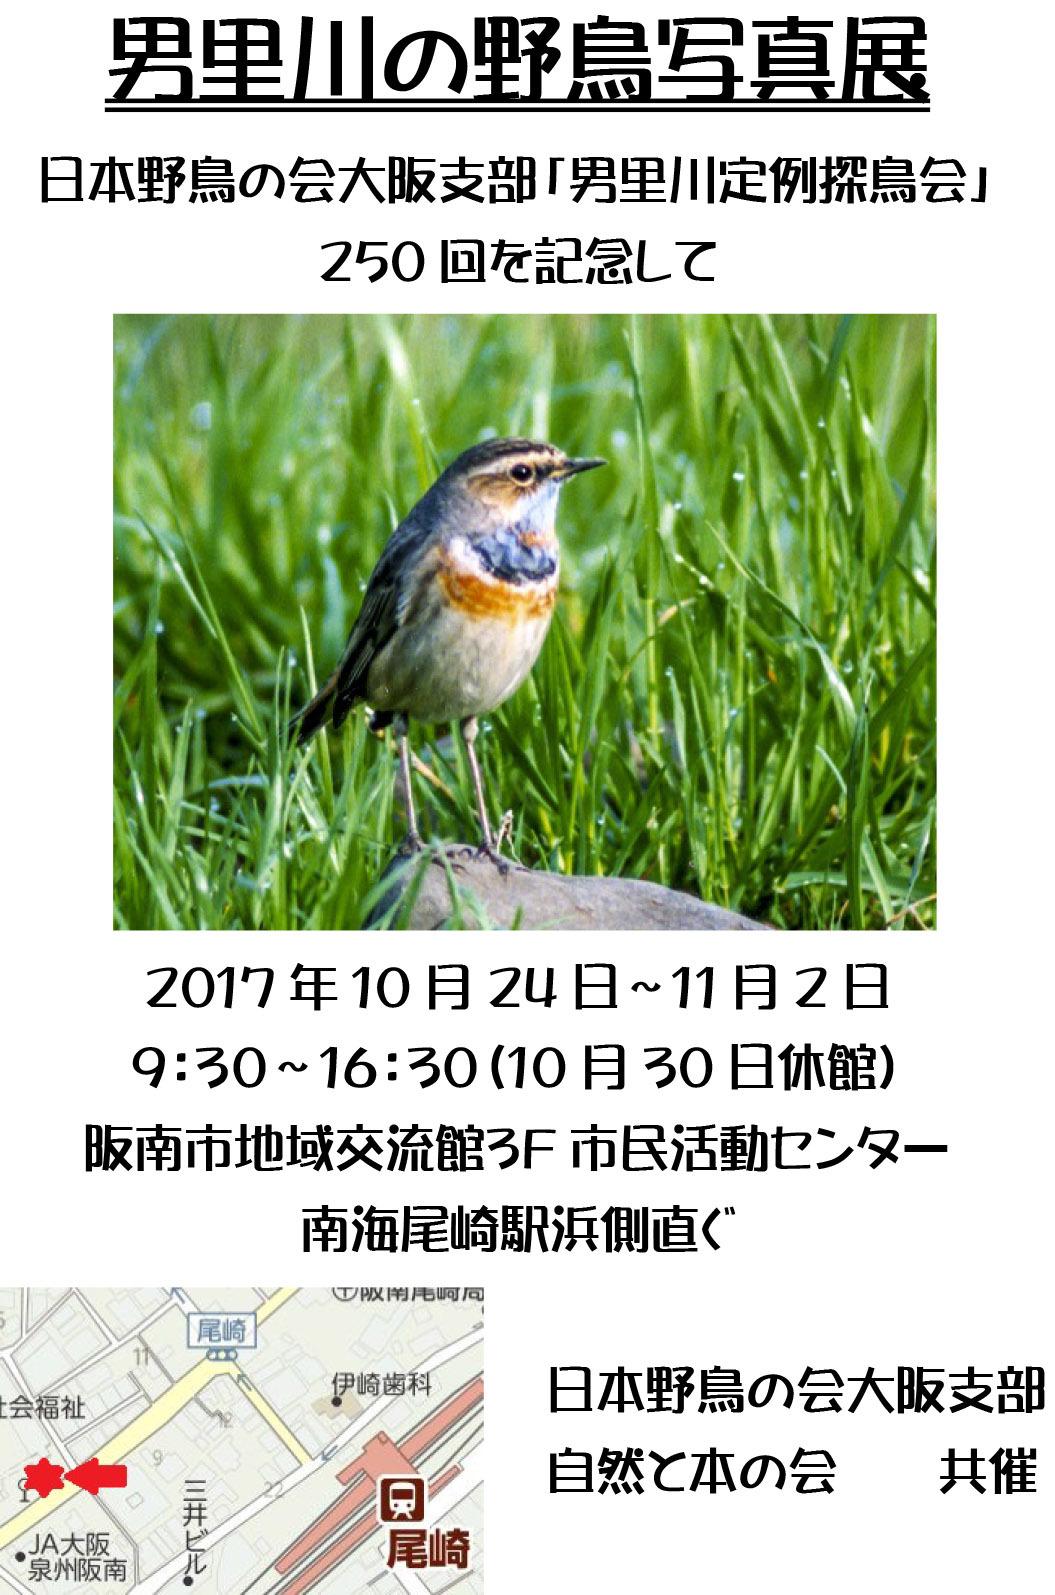 男里川の野鳥写真展案内